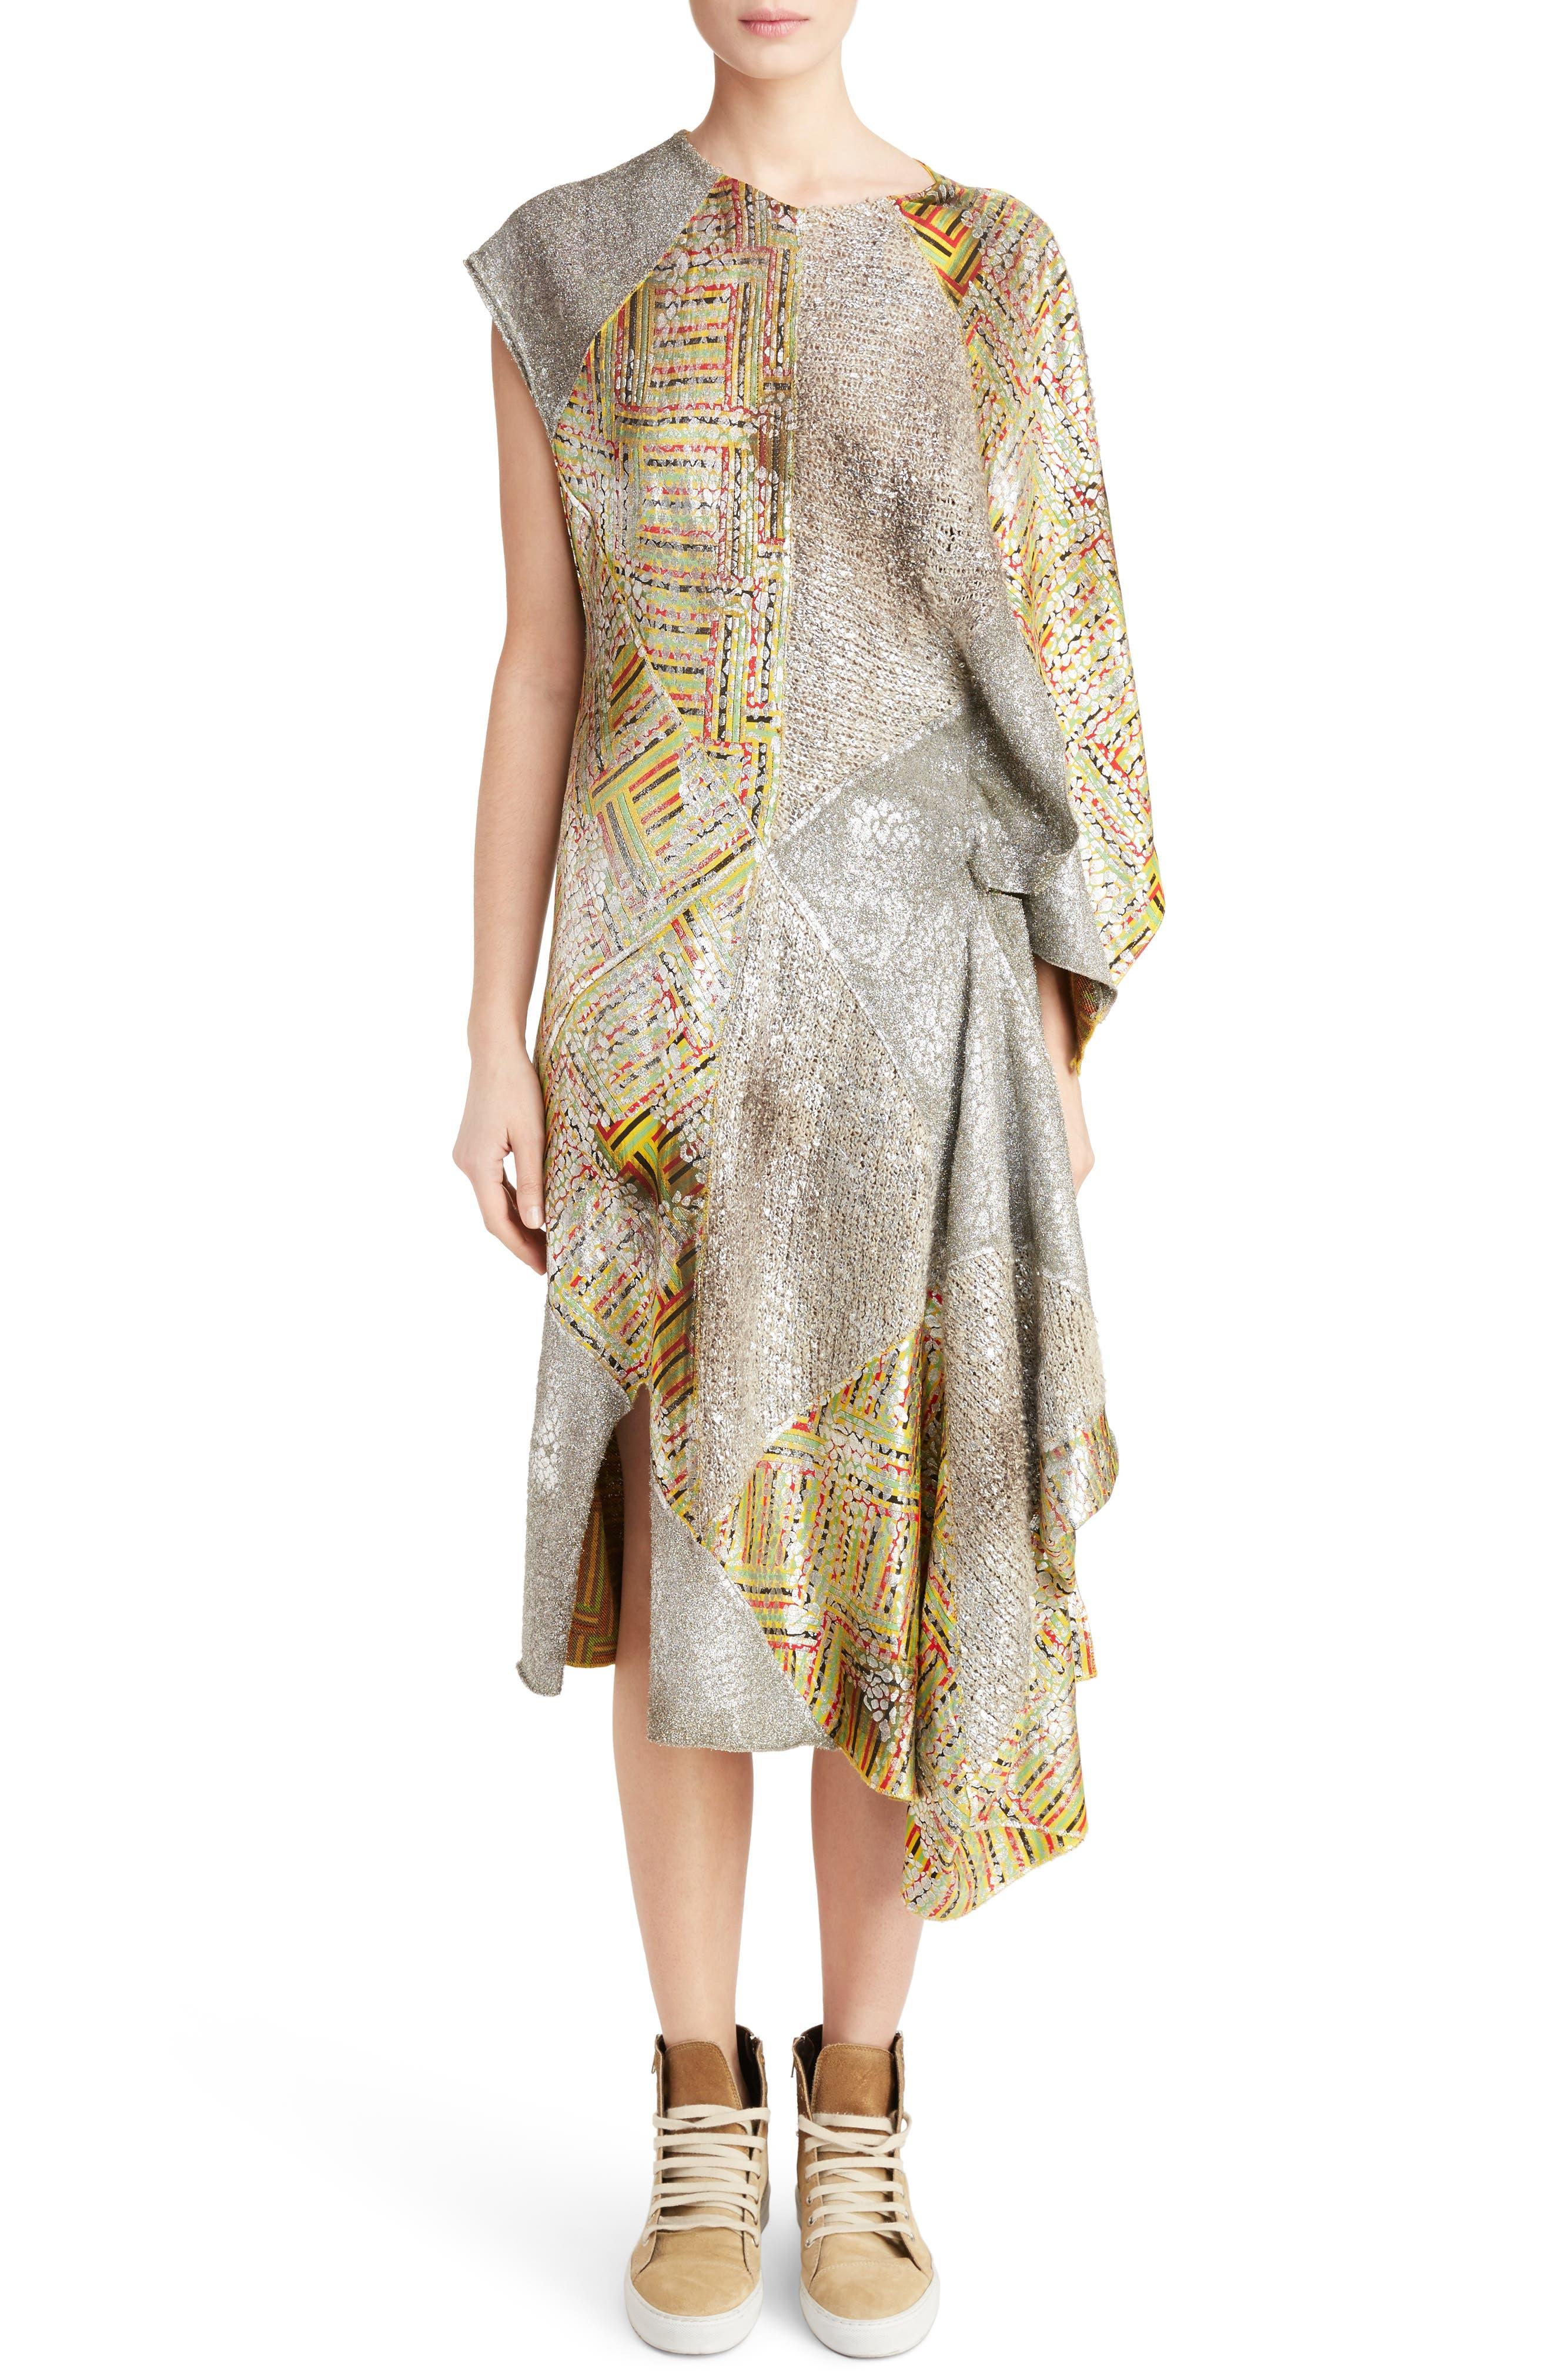 J.W.ANDERSON Geo Patterned Asymmetrical Draped Dress